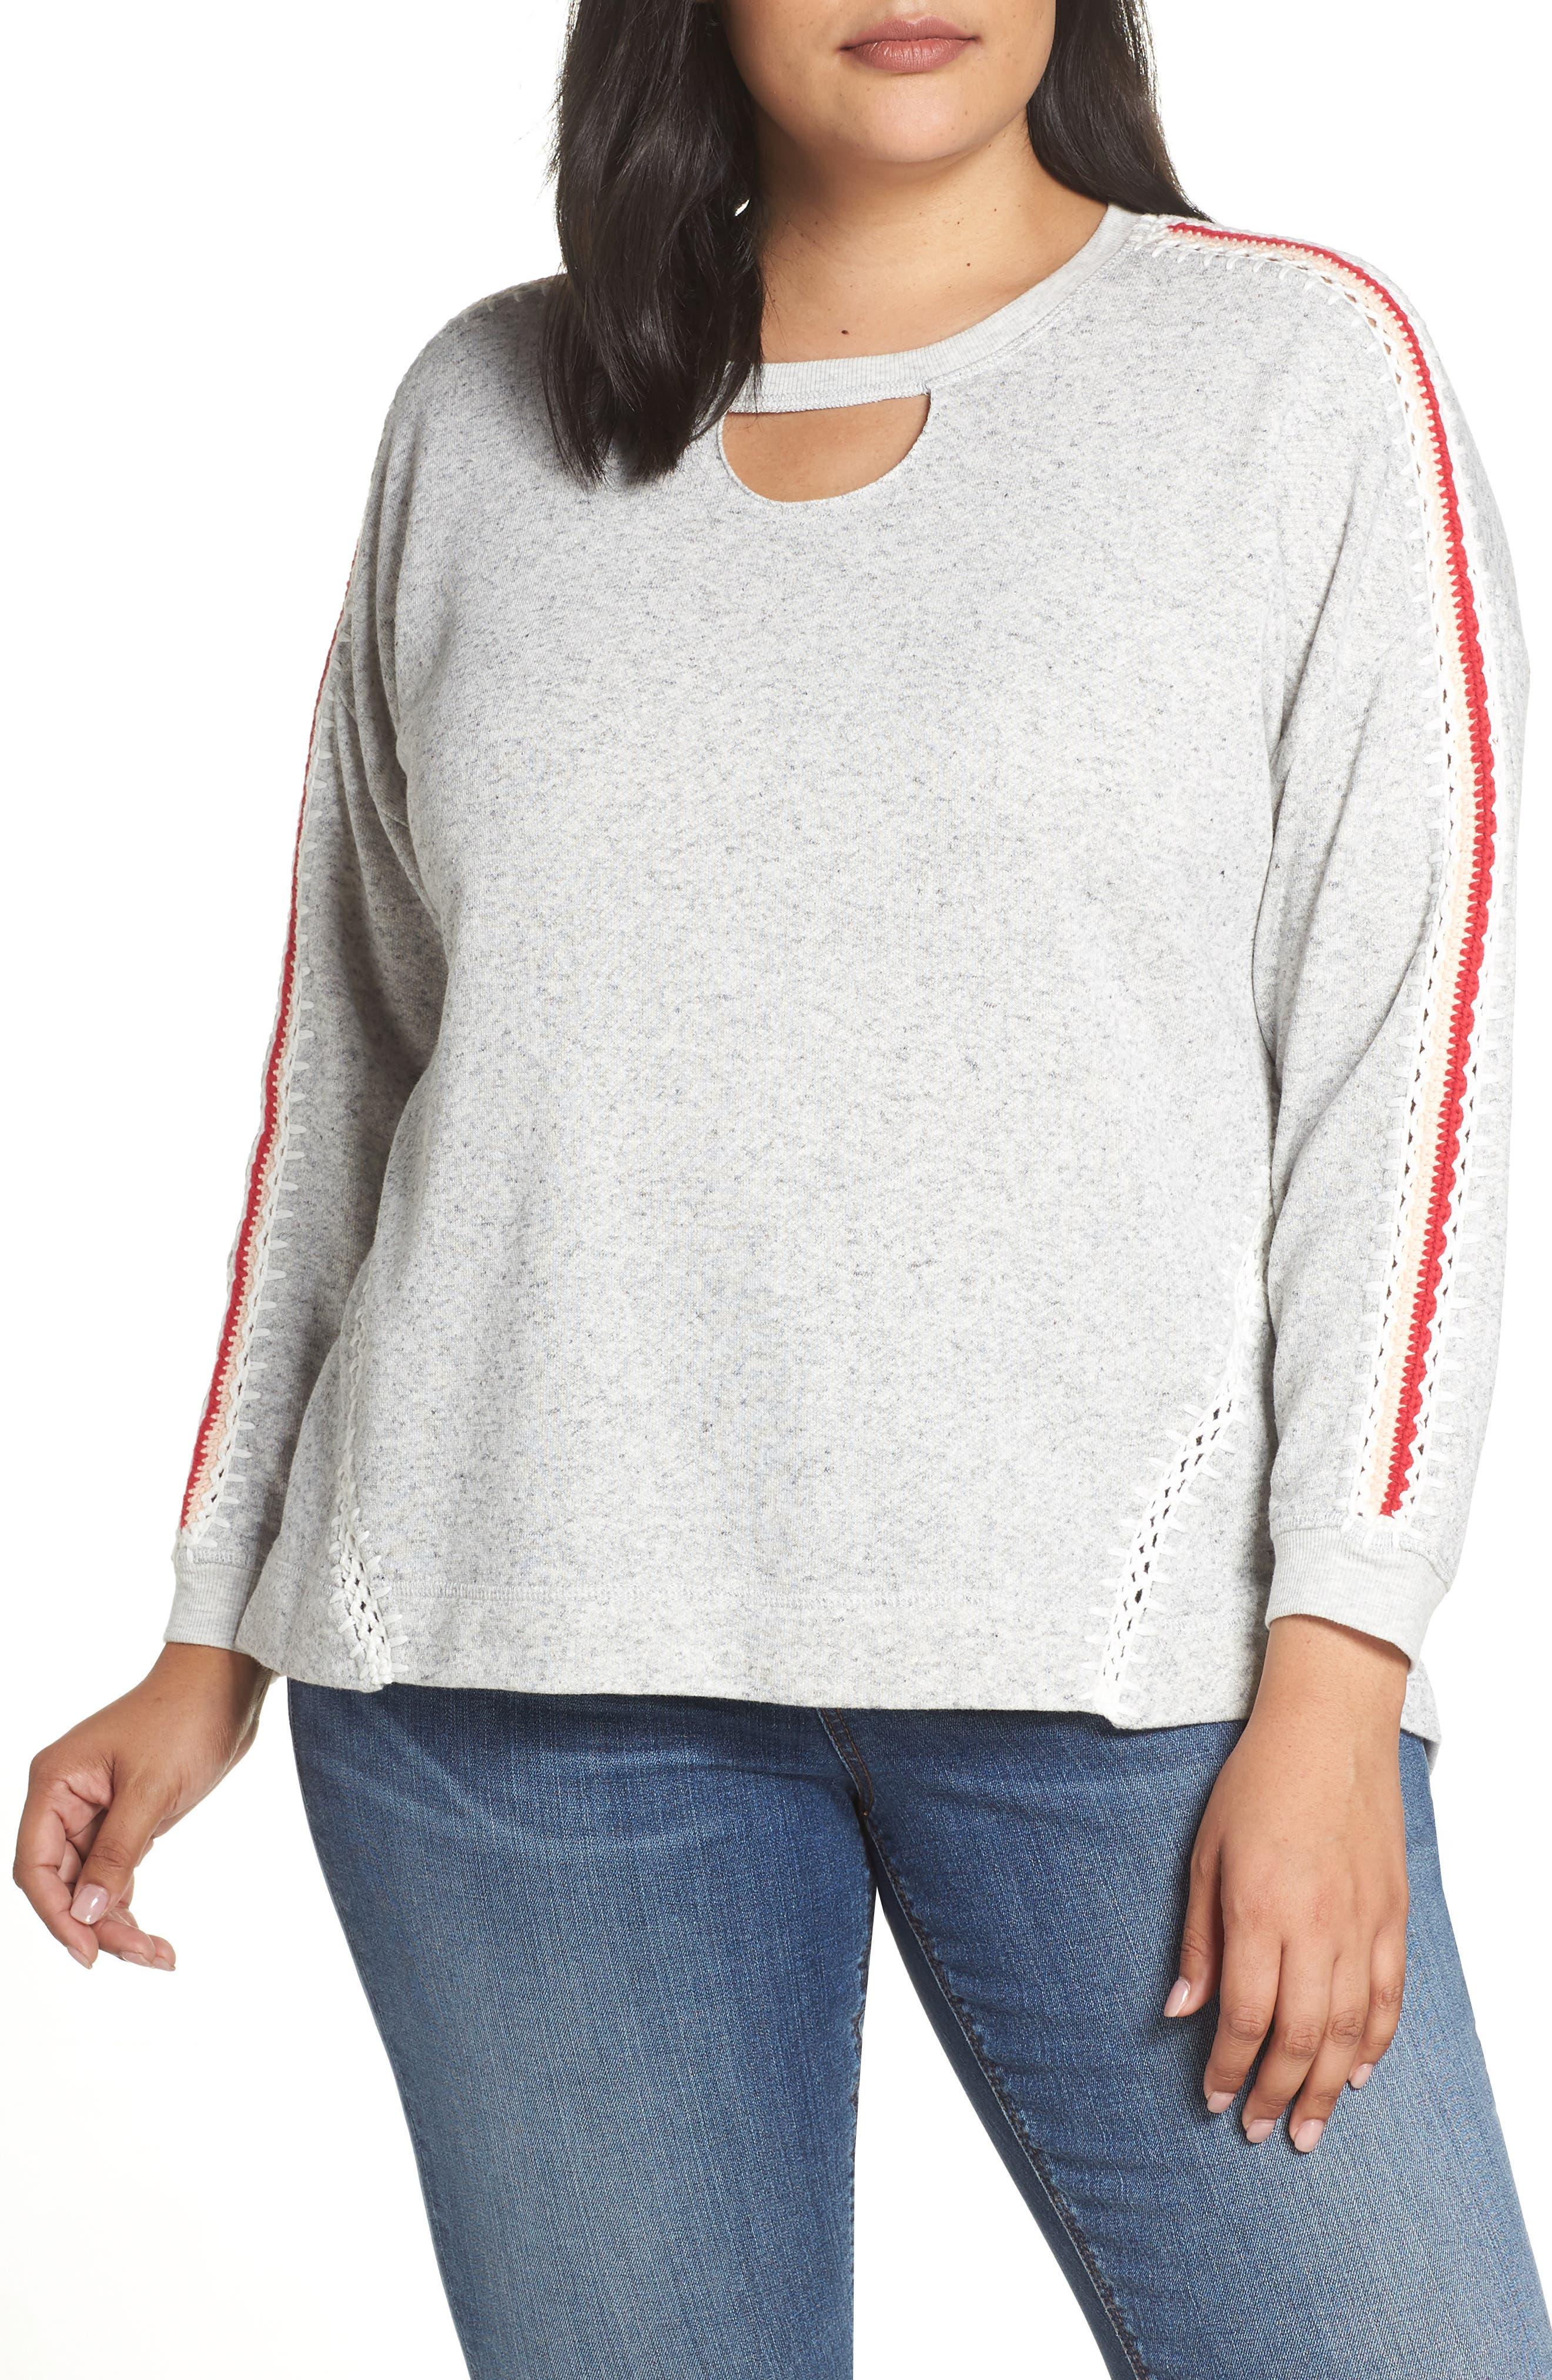 Plus Size Wit & Wisdom Notch Neck Pullover, Grey